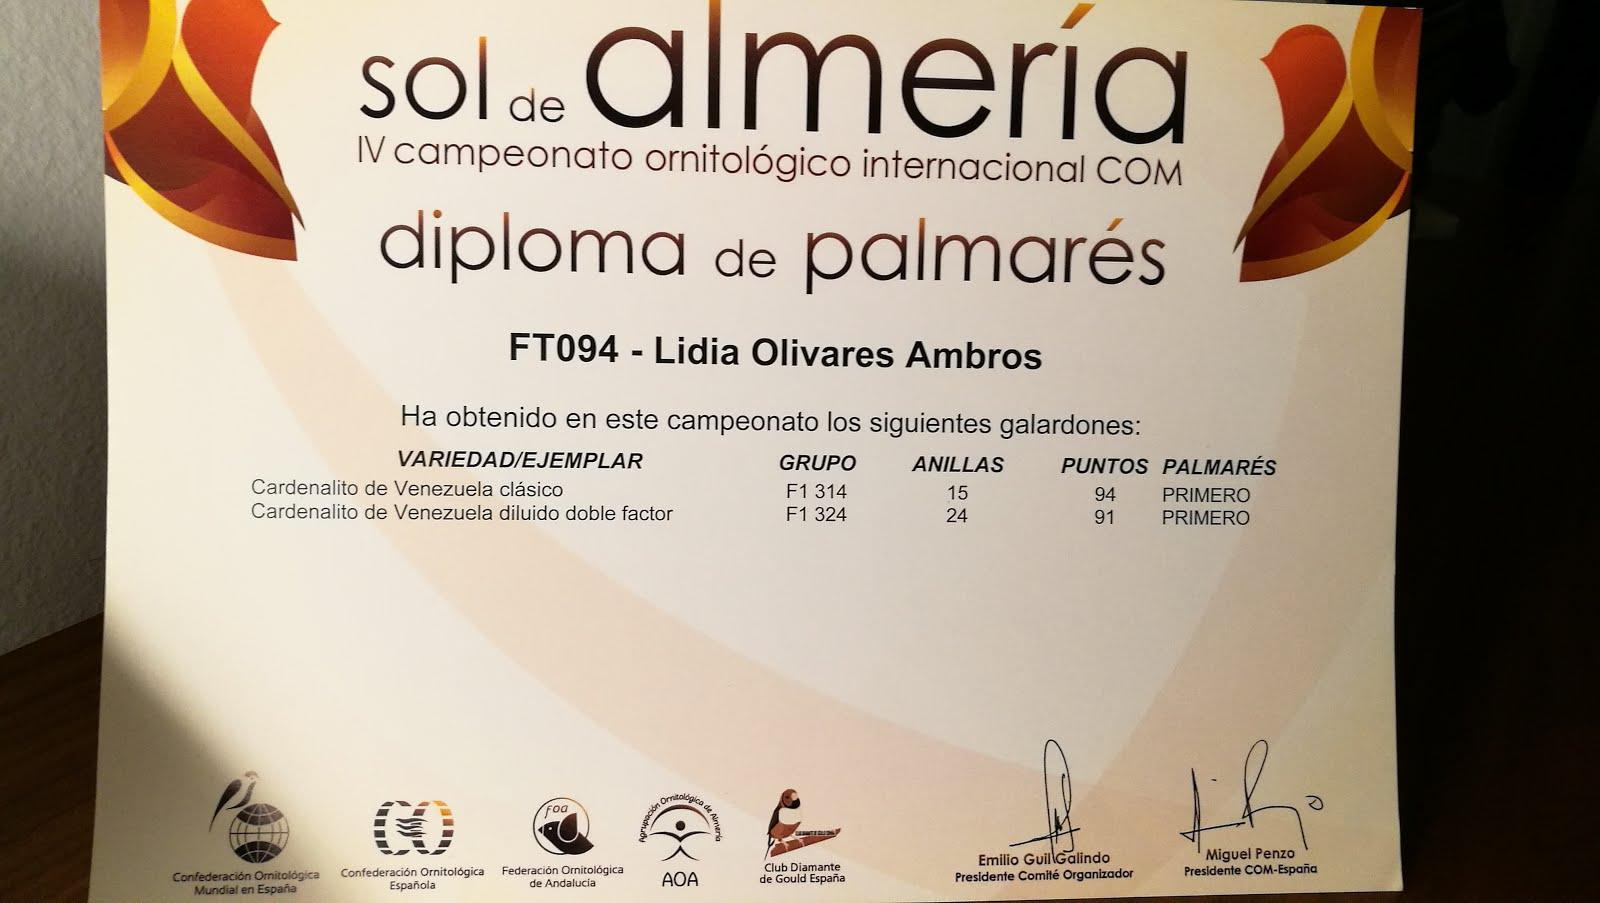 2018-INTERNAC. SOL DE ALMERIA